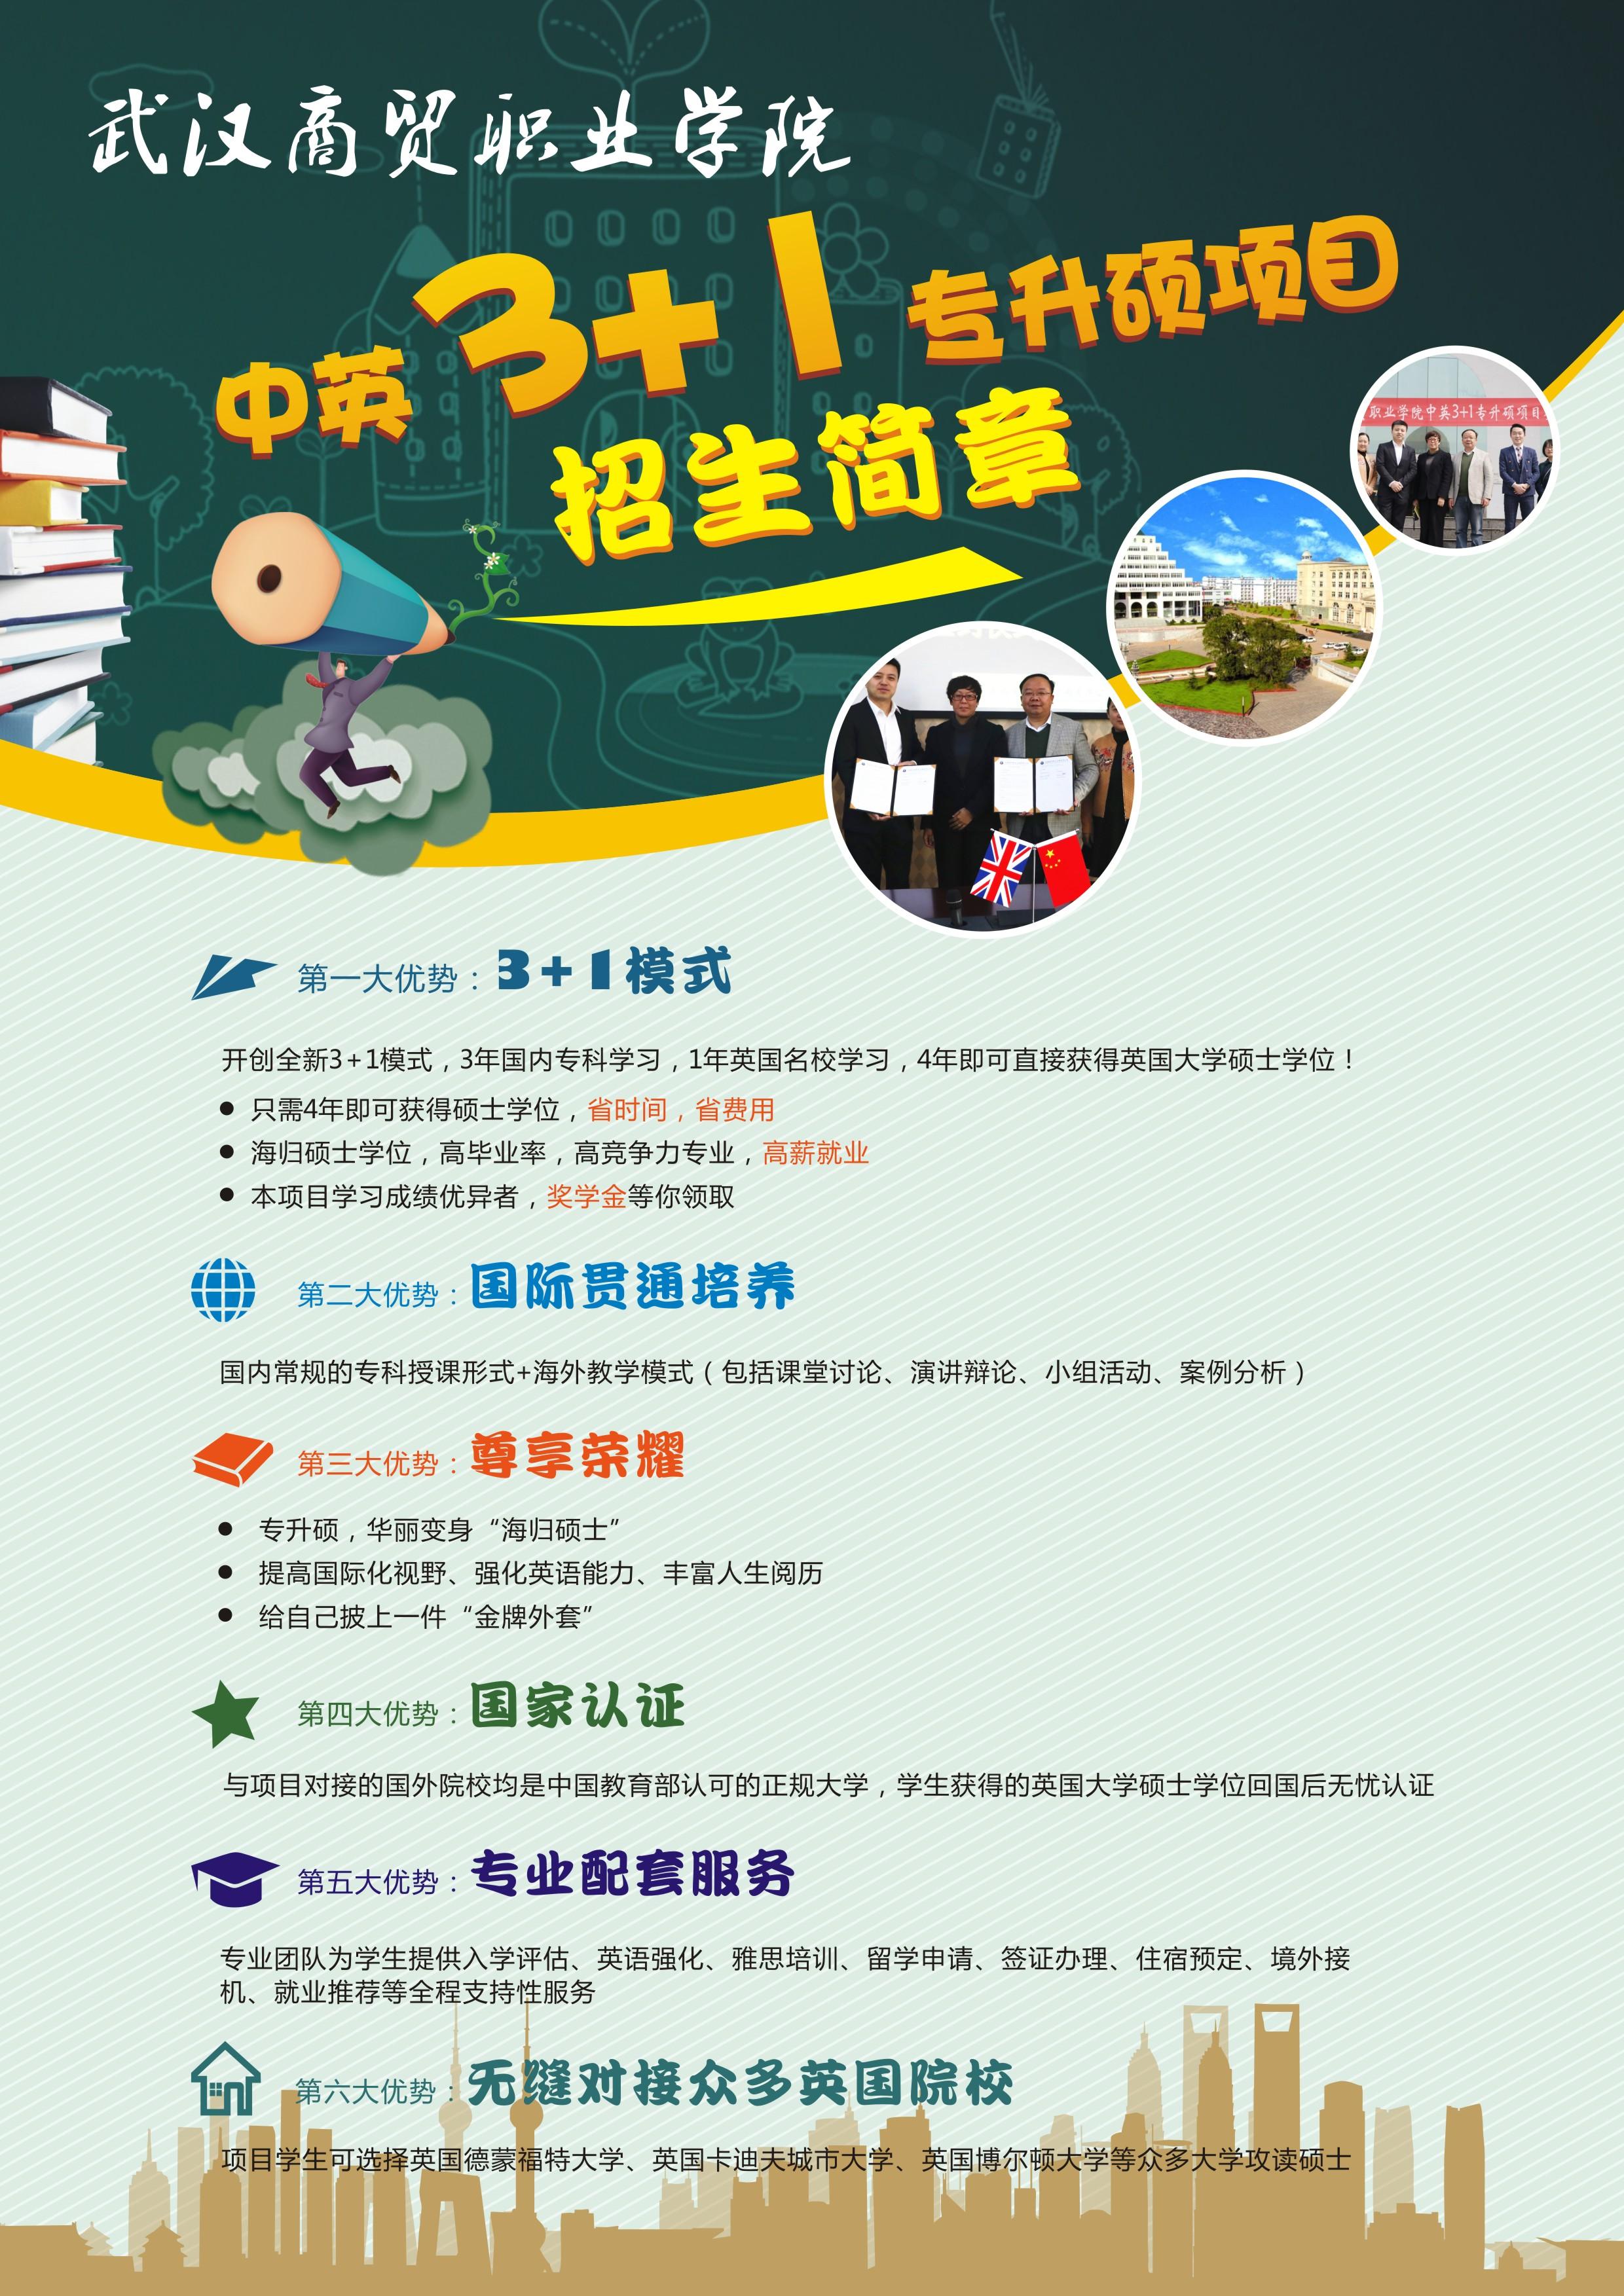 武汉商贸职业学院中英3+1专升硕诚邀您合